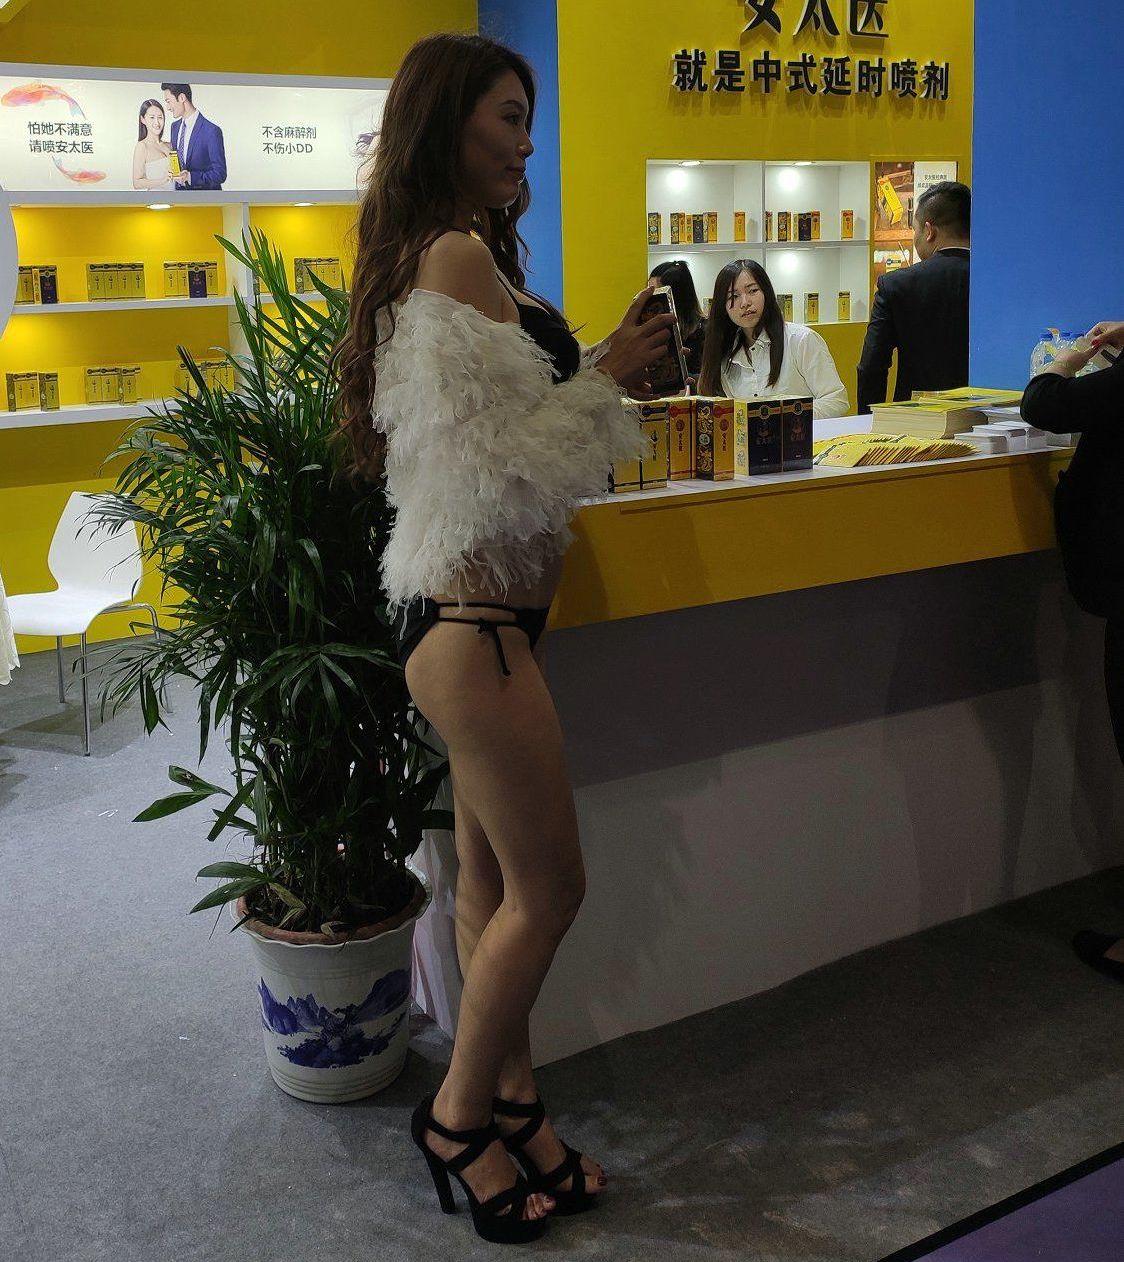 19上海成人展-展会现场 (91)